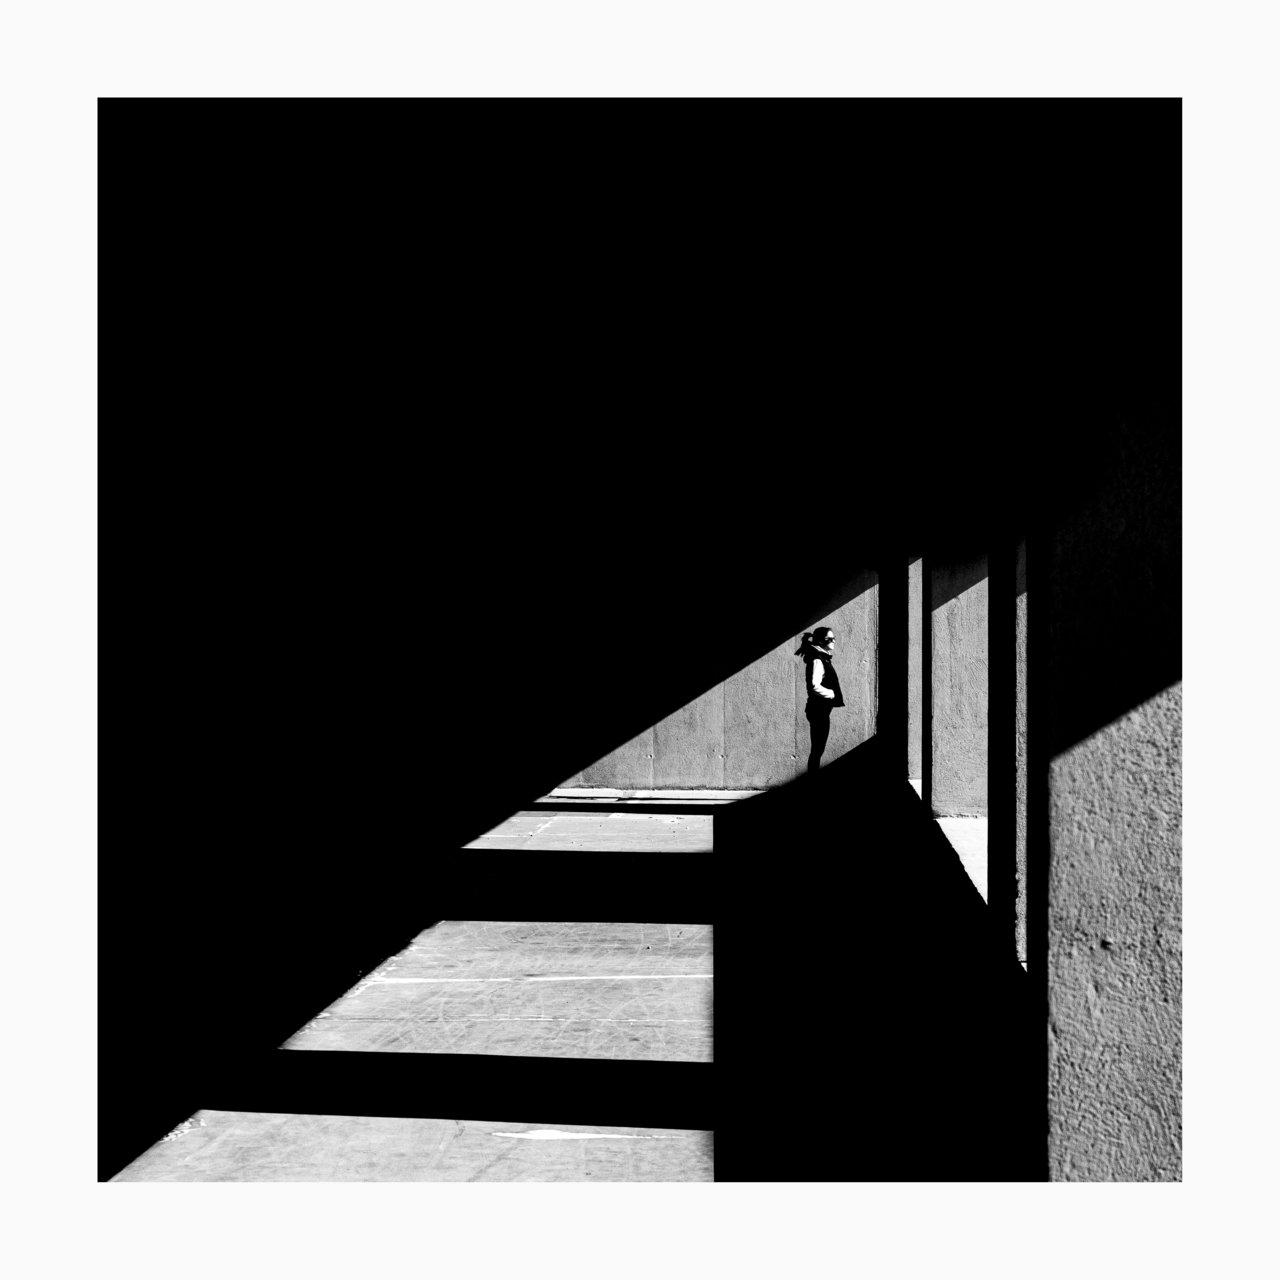 Светли мисли... | Author Stanil Lazarov - Standil | PHOTO FORUM